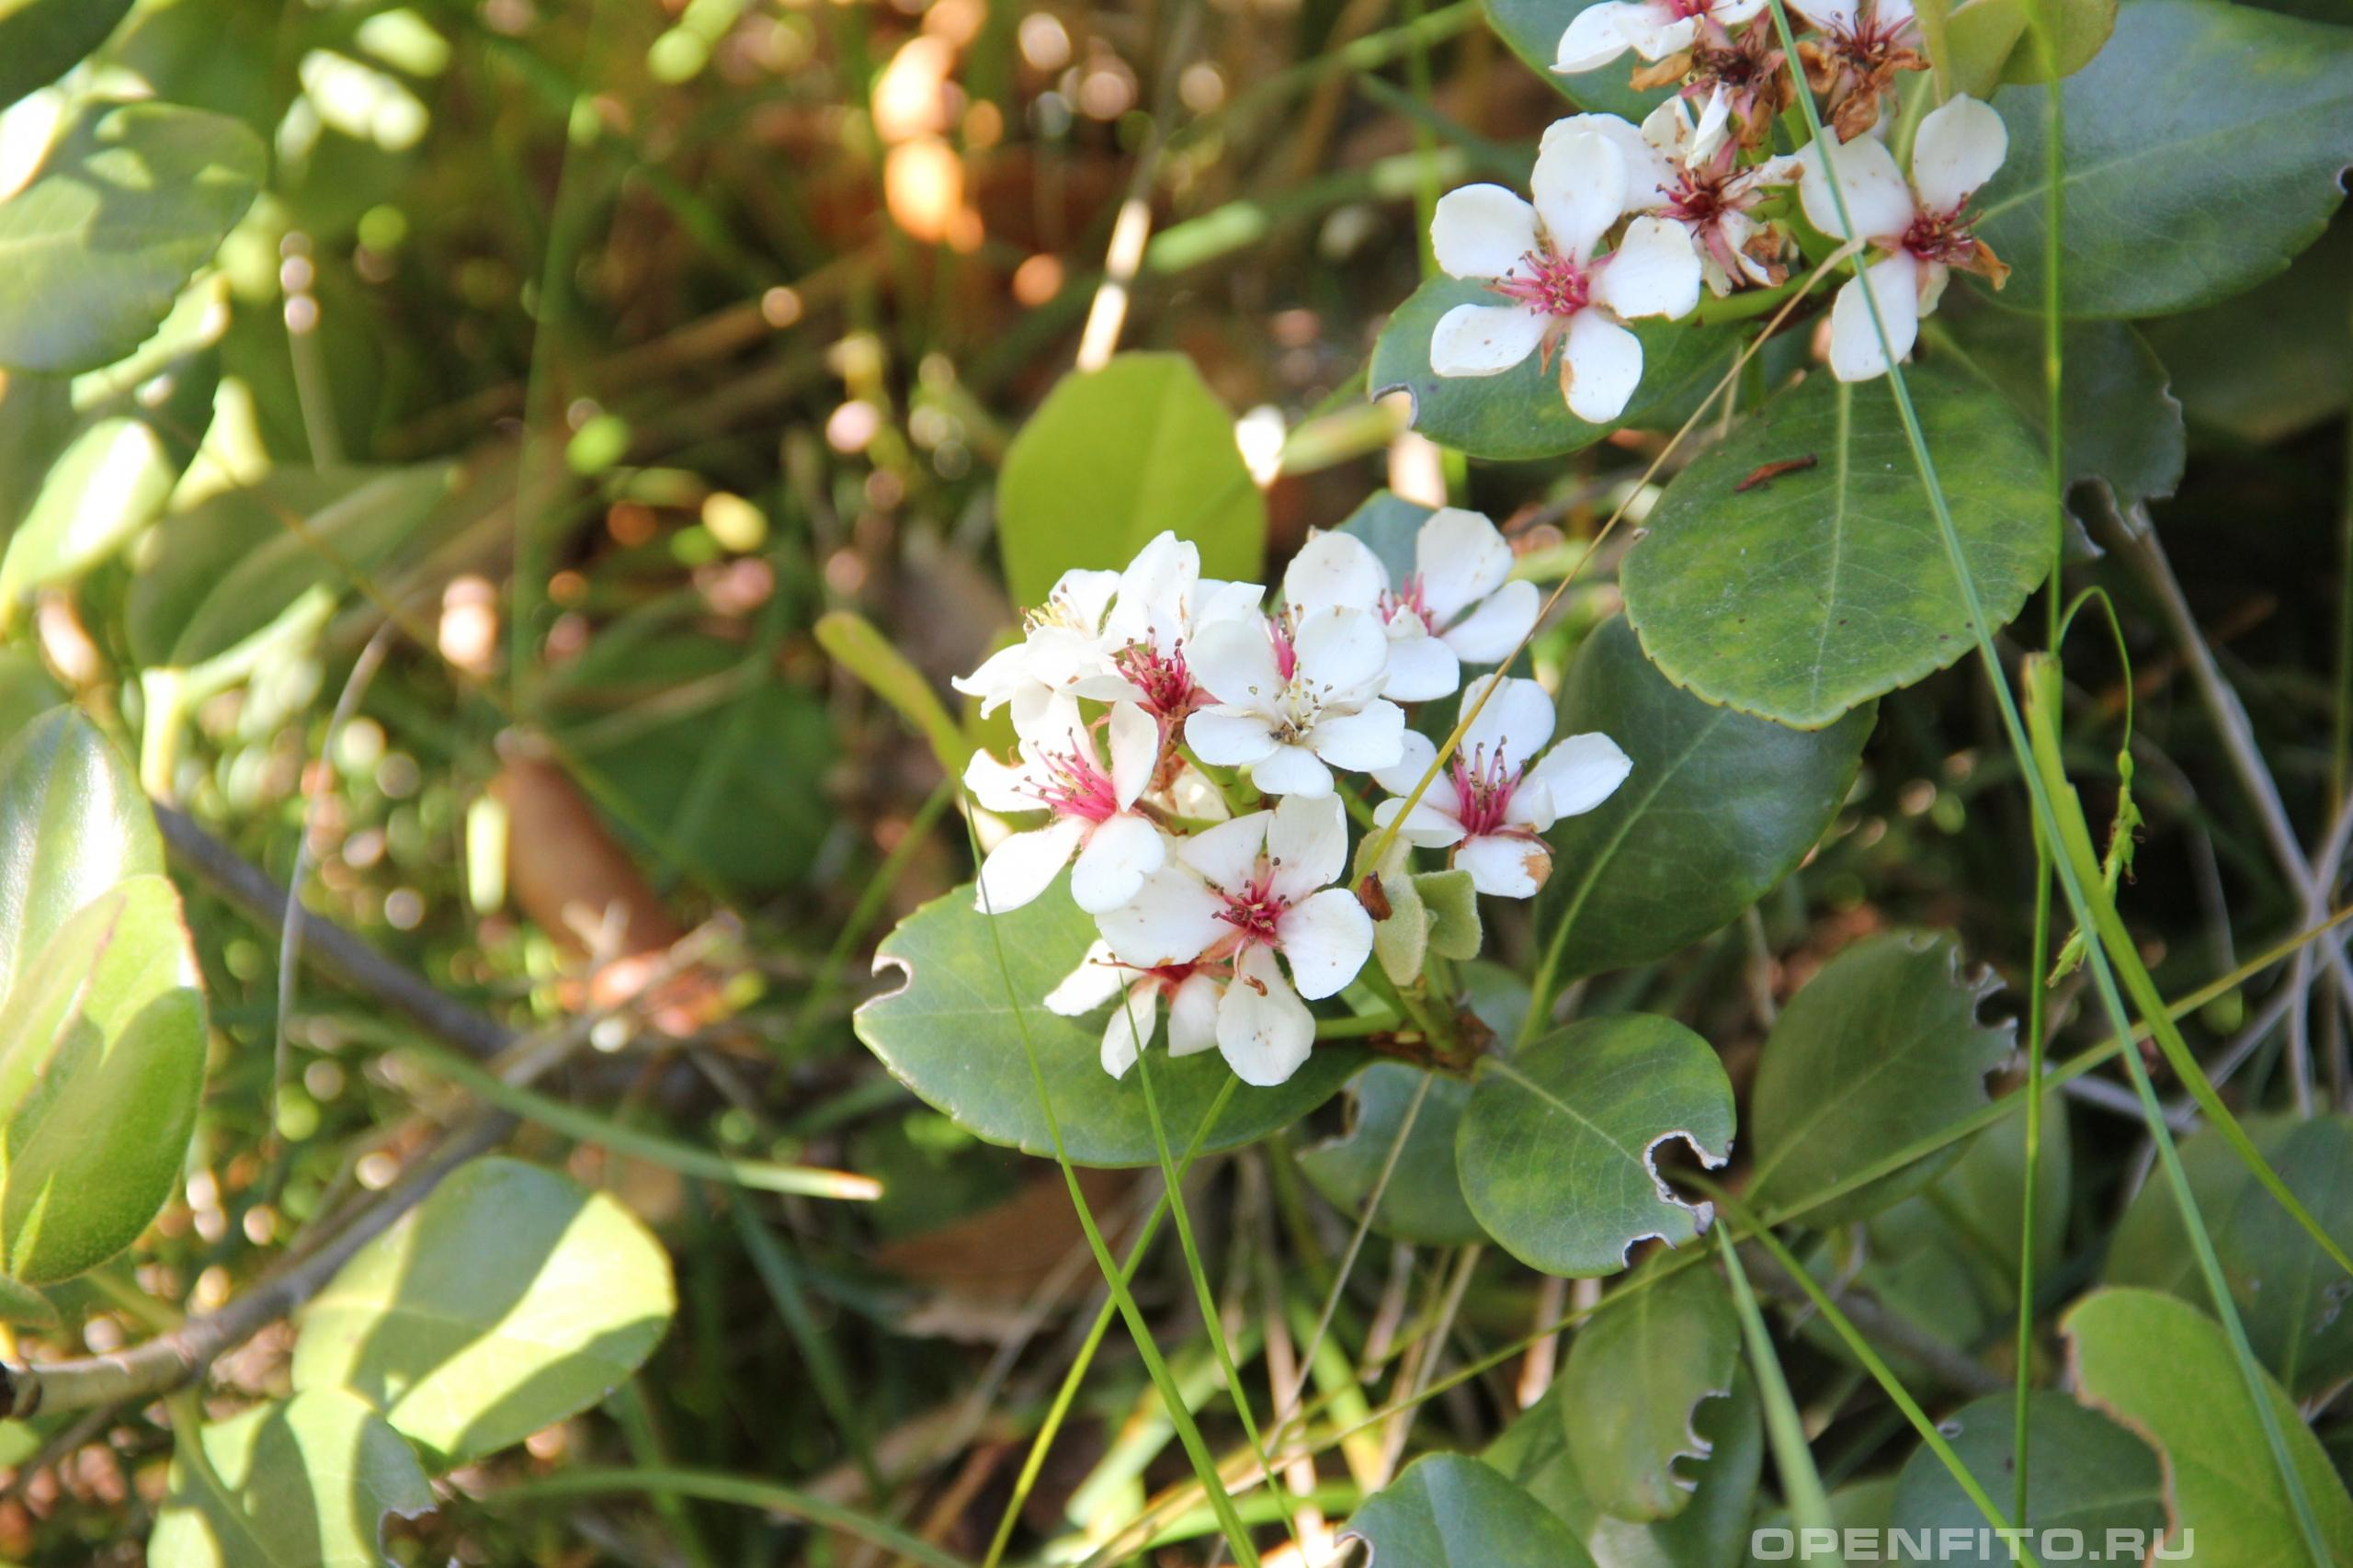 Иглочешуйник зонтичный листья и цветки